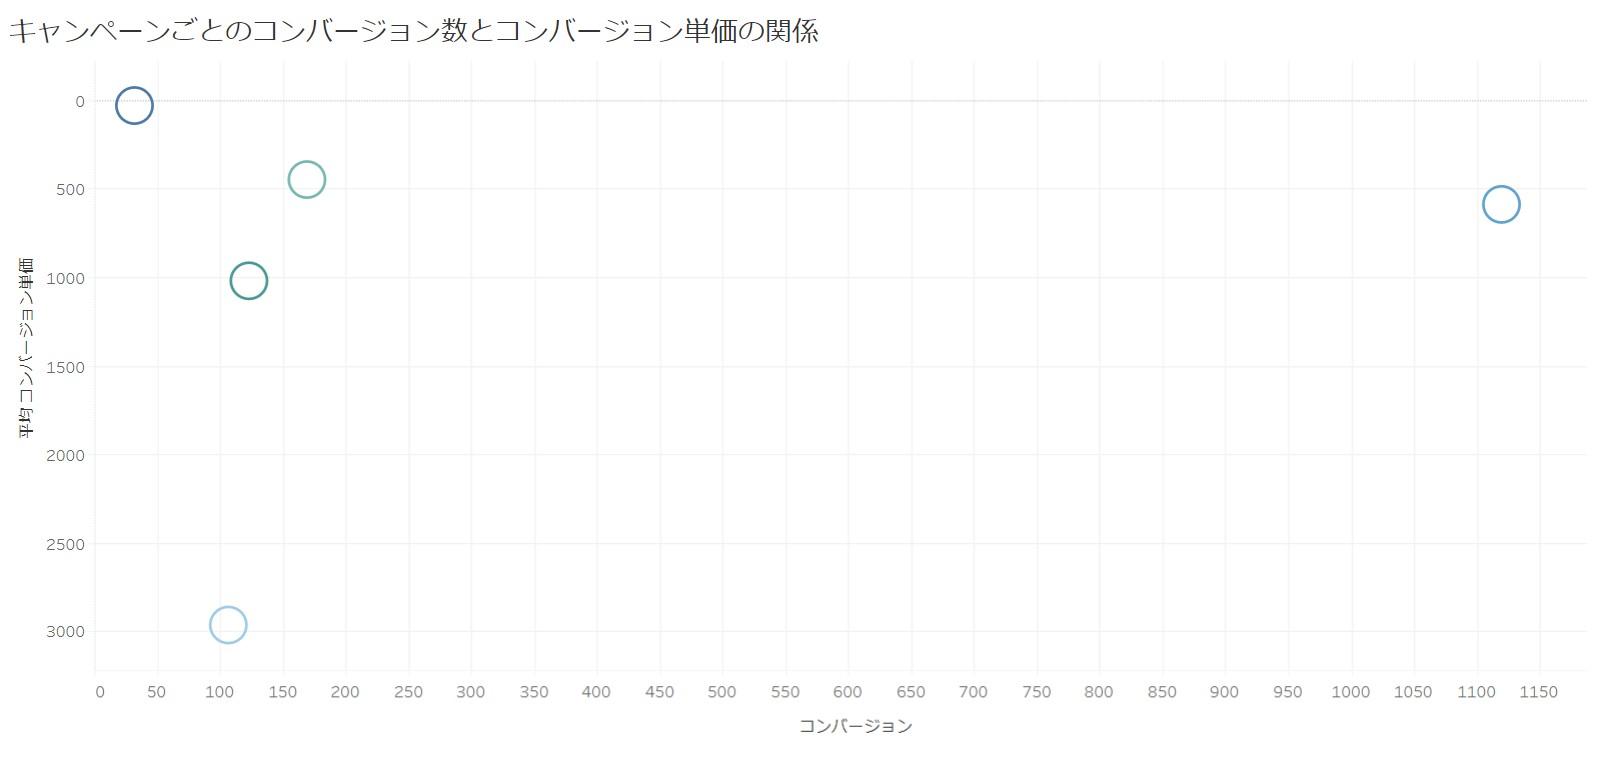 Tableau-キャンペーンごとのコンバージョン数とCVRの関係性